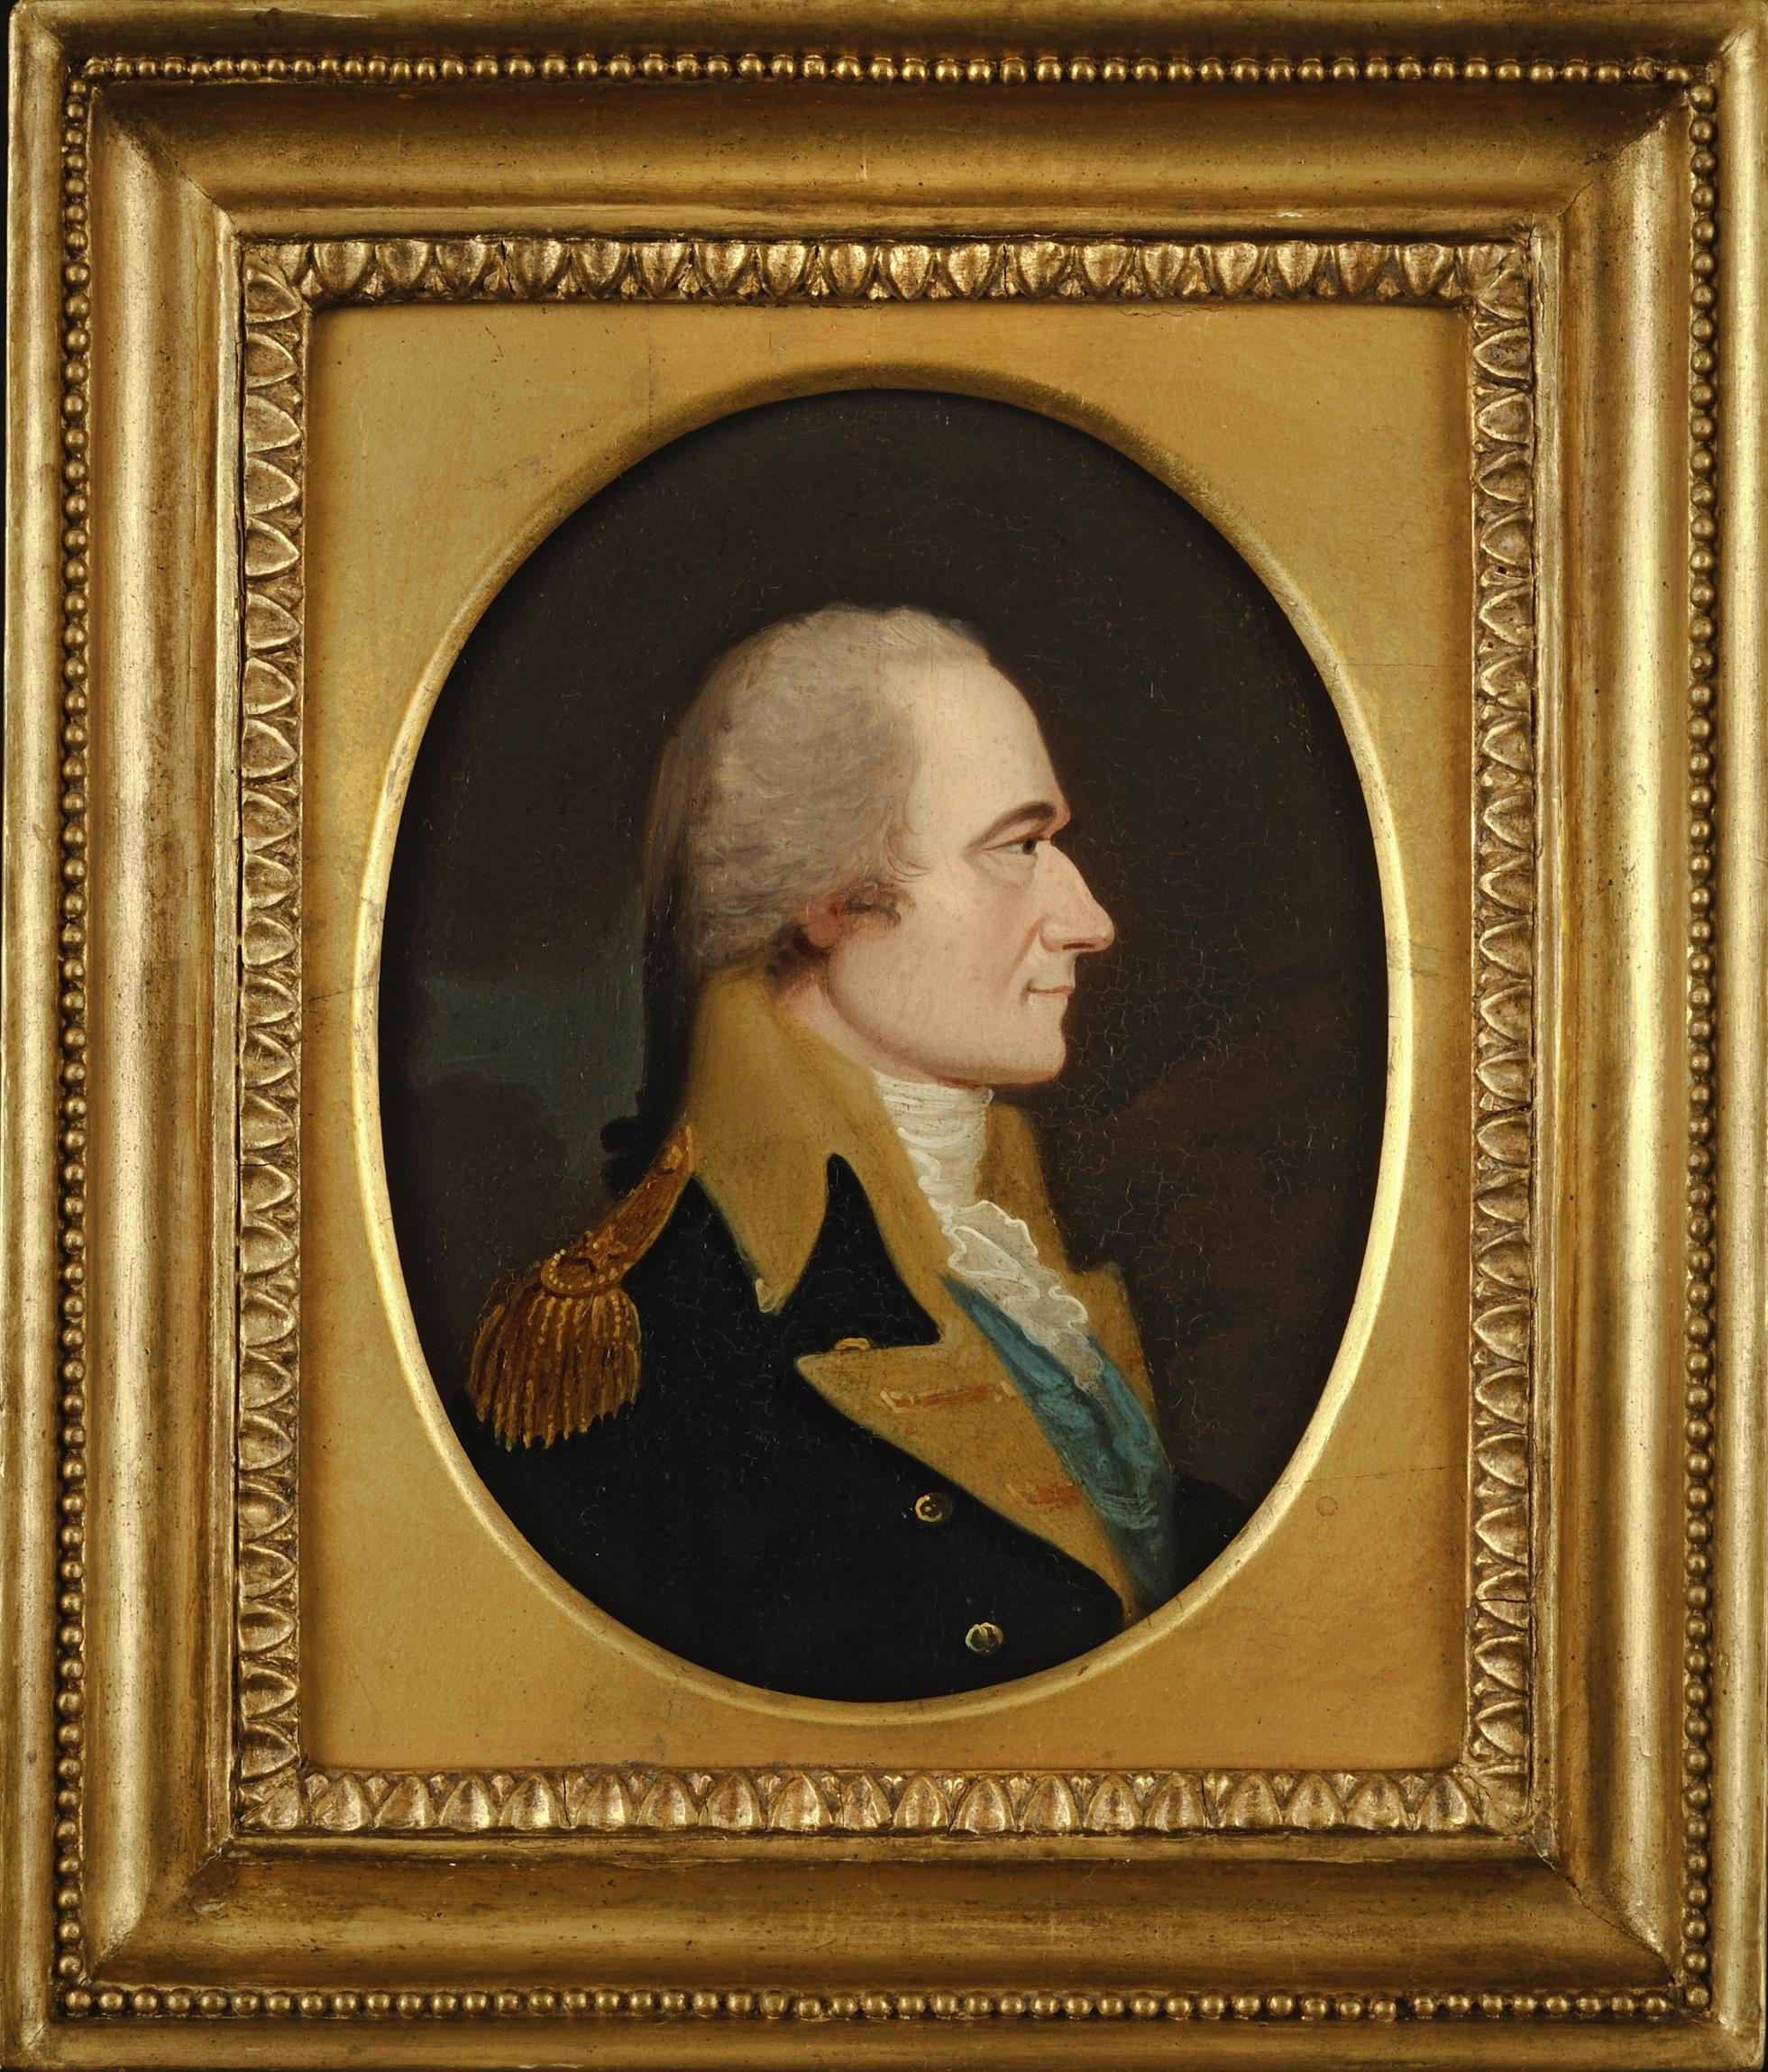 Alexander Hamilton by Weaver, ca. 1806